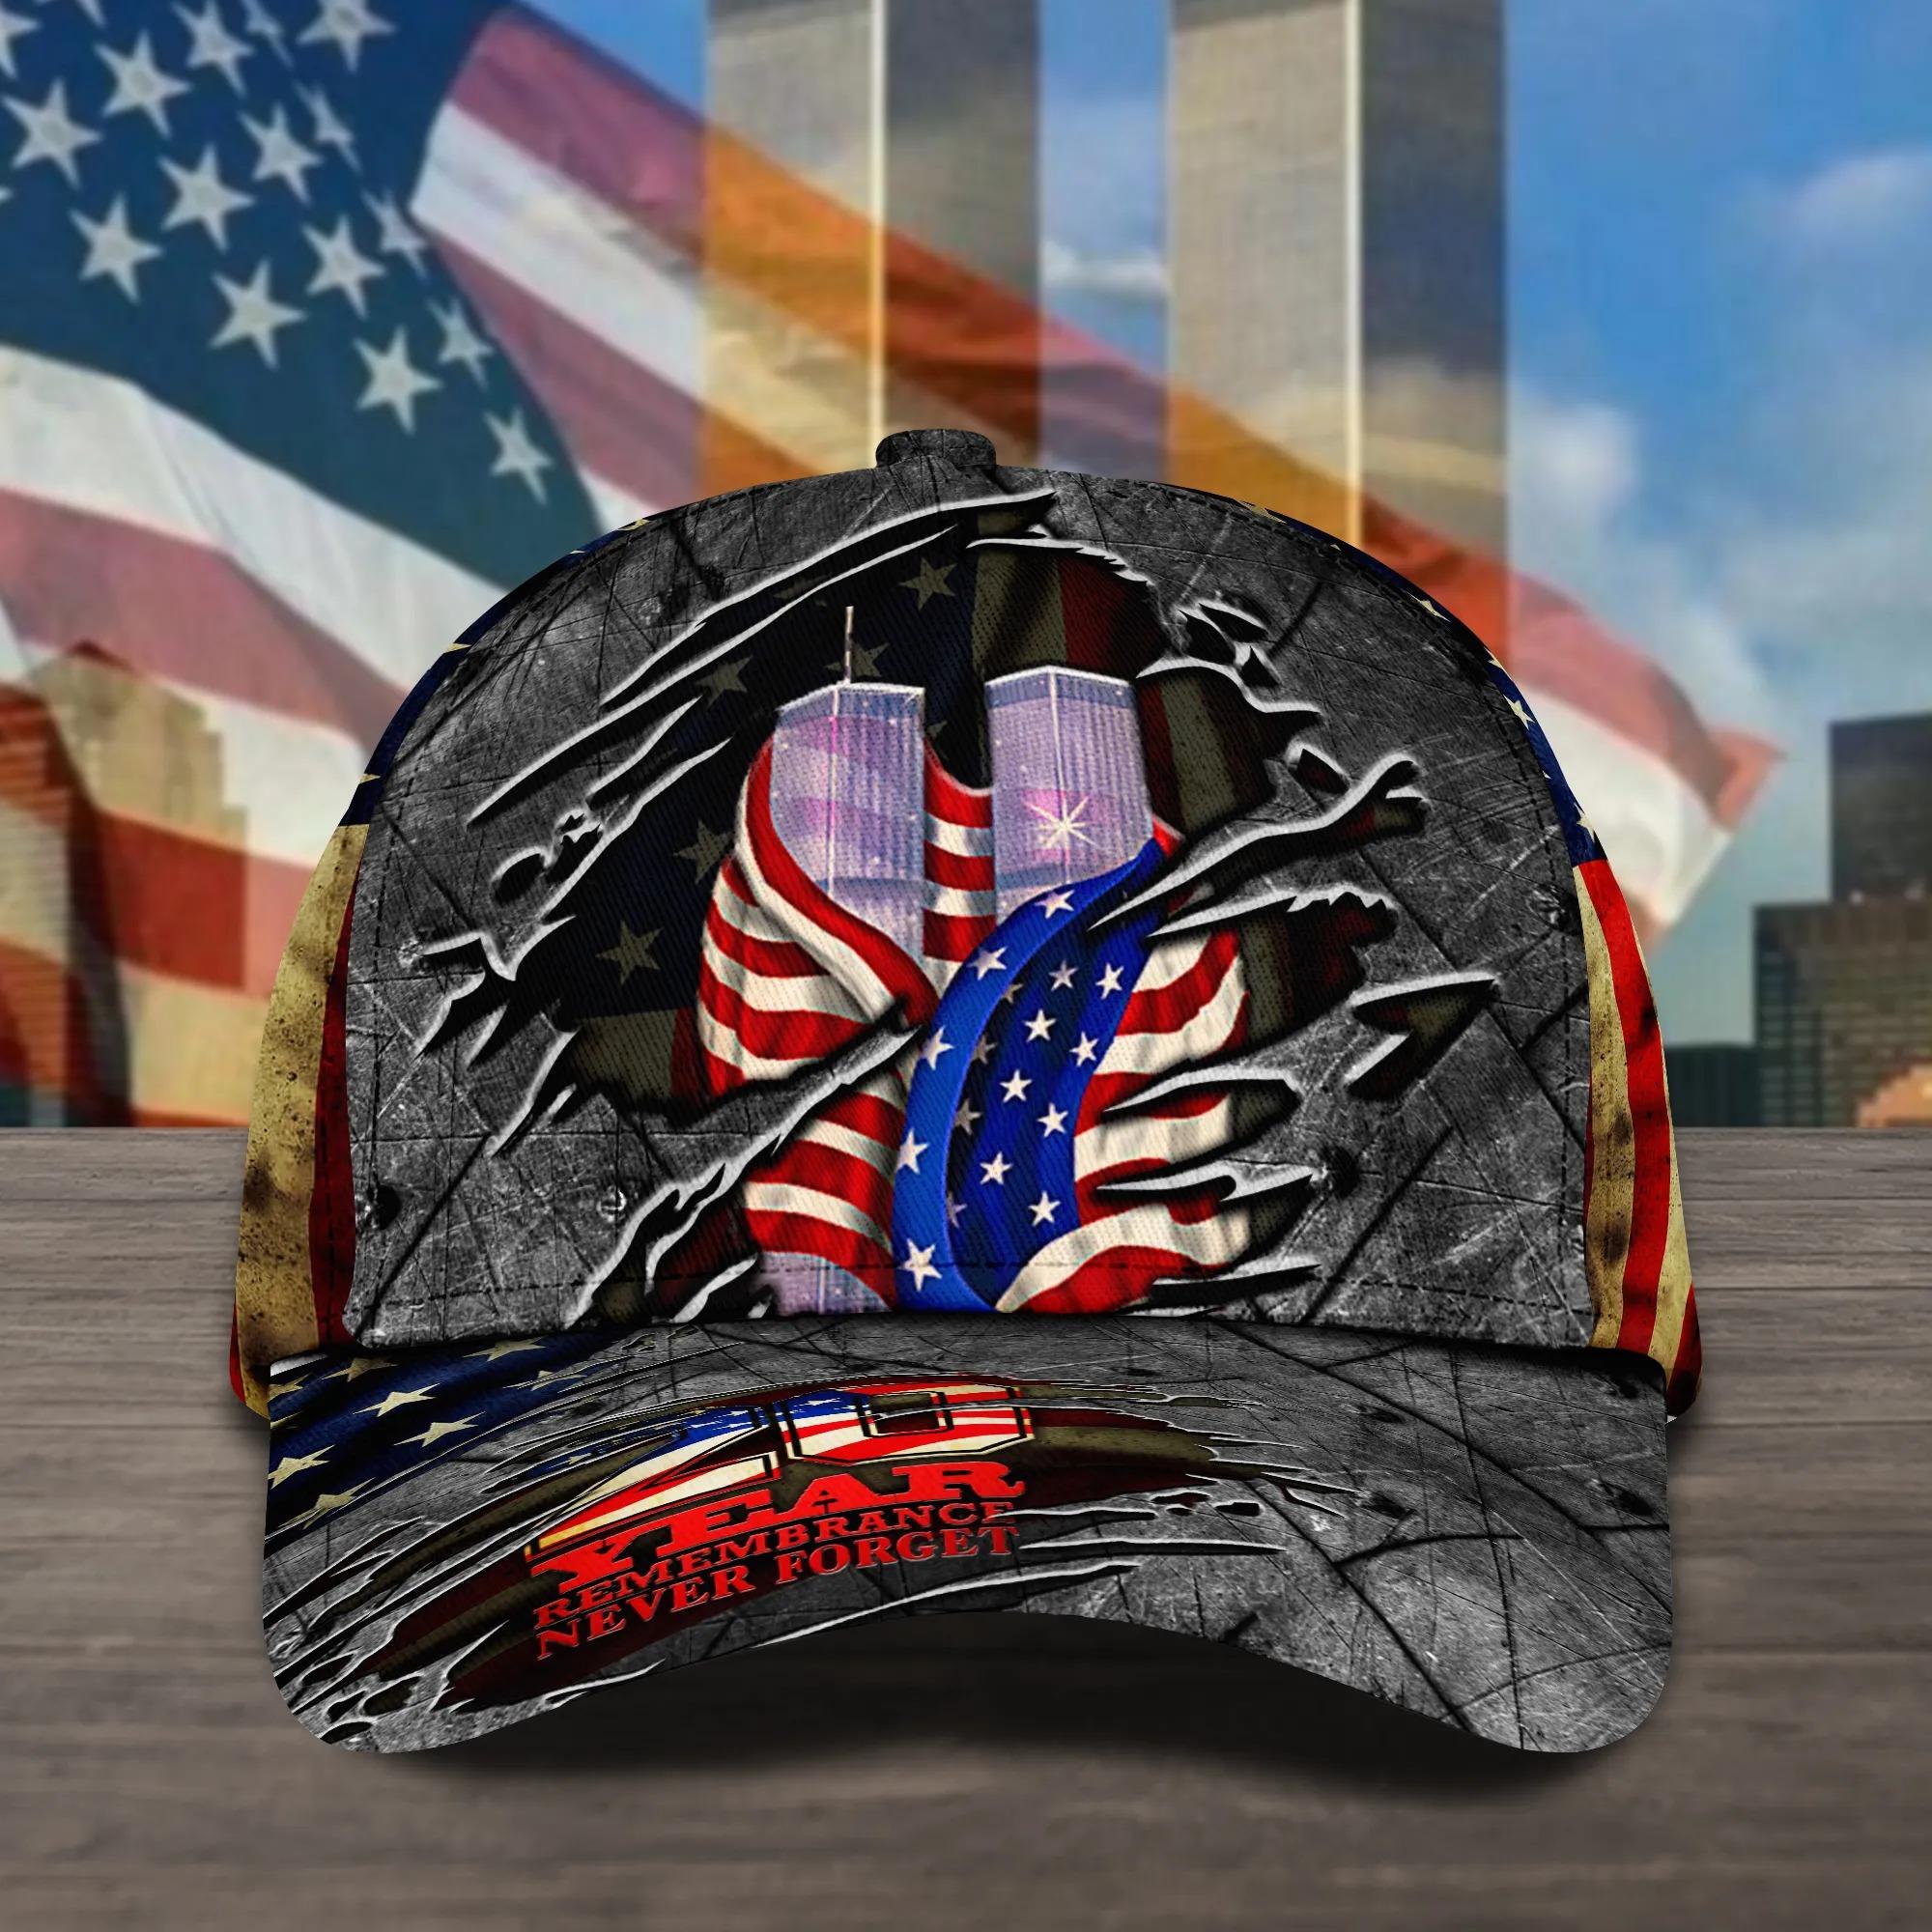 Never Forget September 11th Baseball Cap